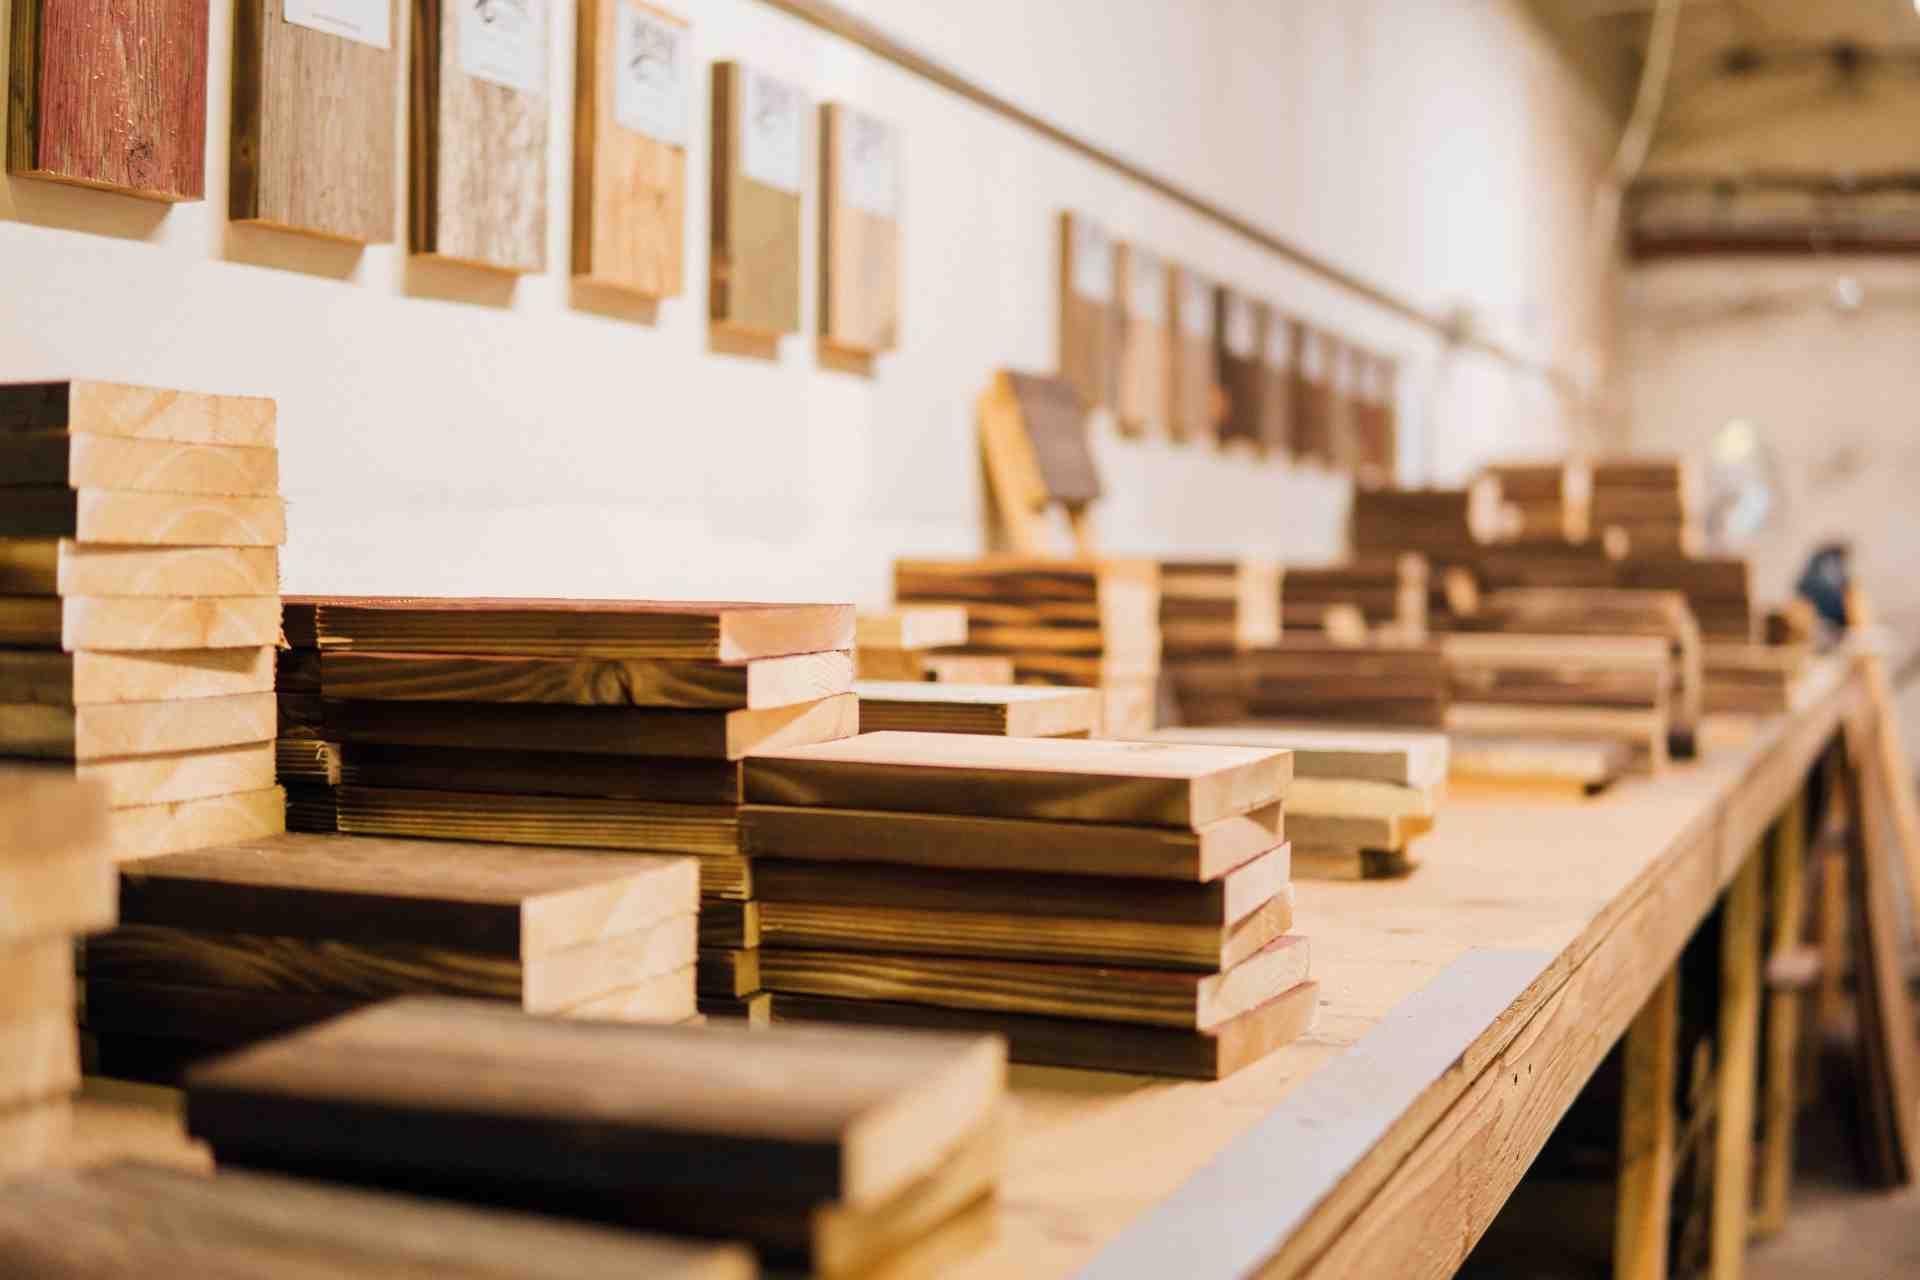 Hewn Elements Real Wood Beams Paneling Siding Made In Oregon In 2020 Wood Beams Wood Beams